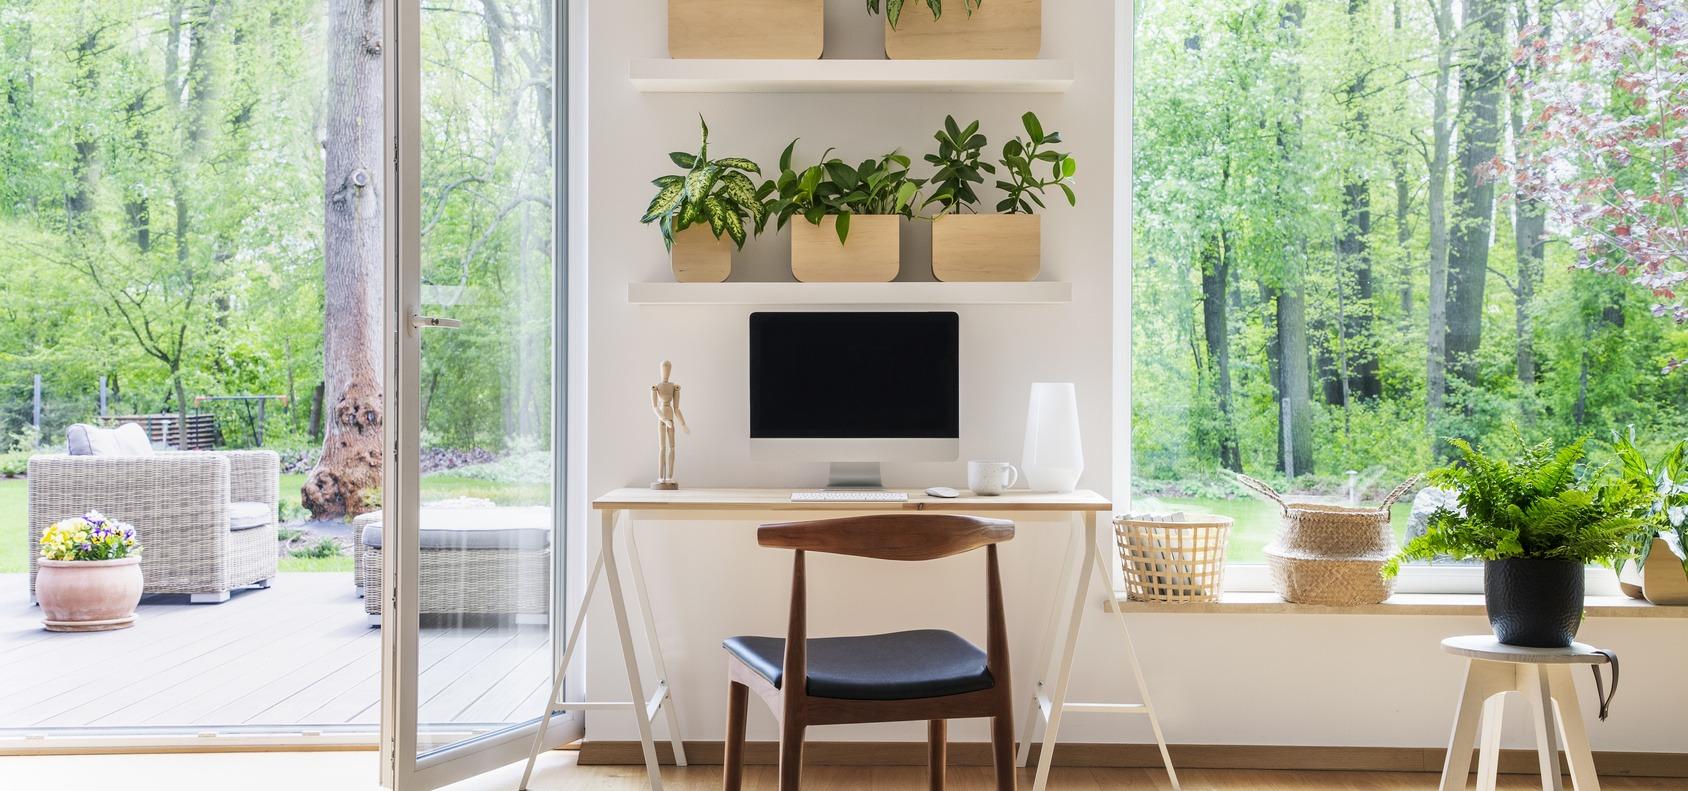 Luz, komfort i światło! Jak urządzić home office